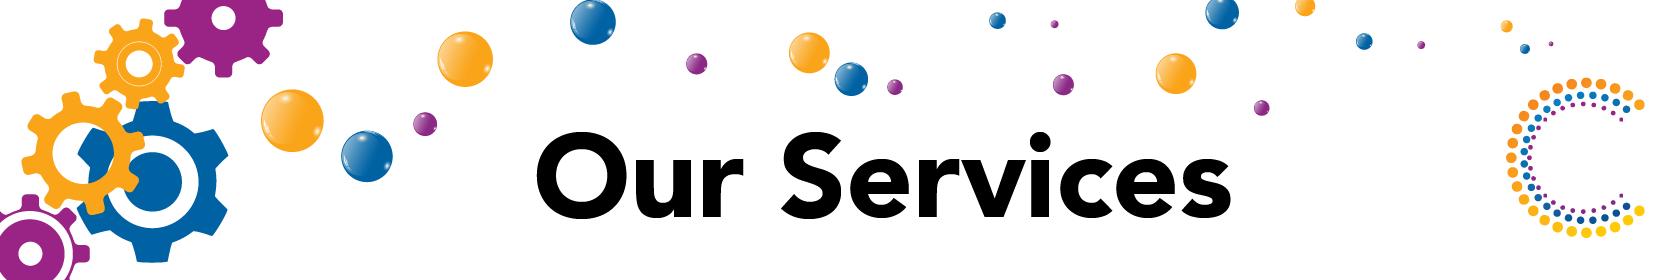 Our Services cmp SERVICES head 01